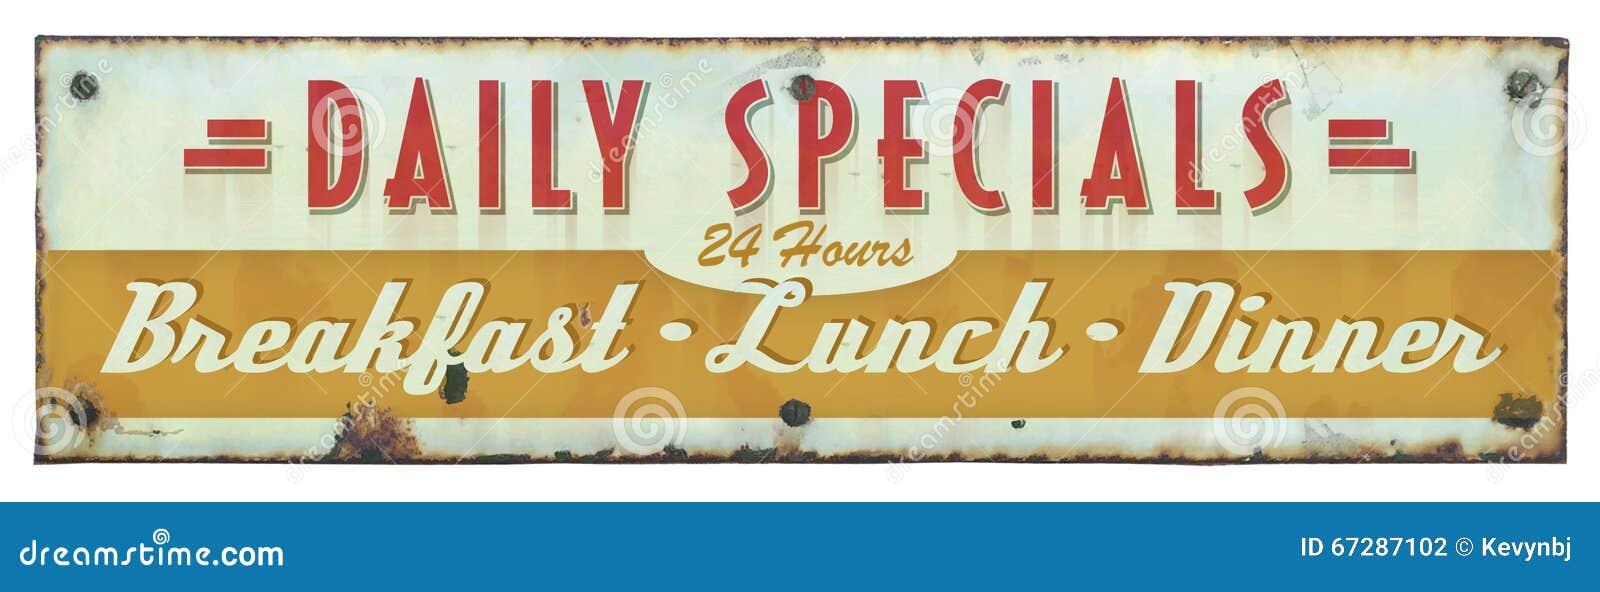 Retro Restaurant Sign